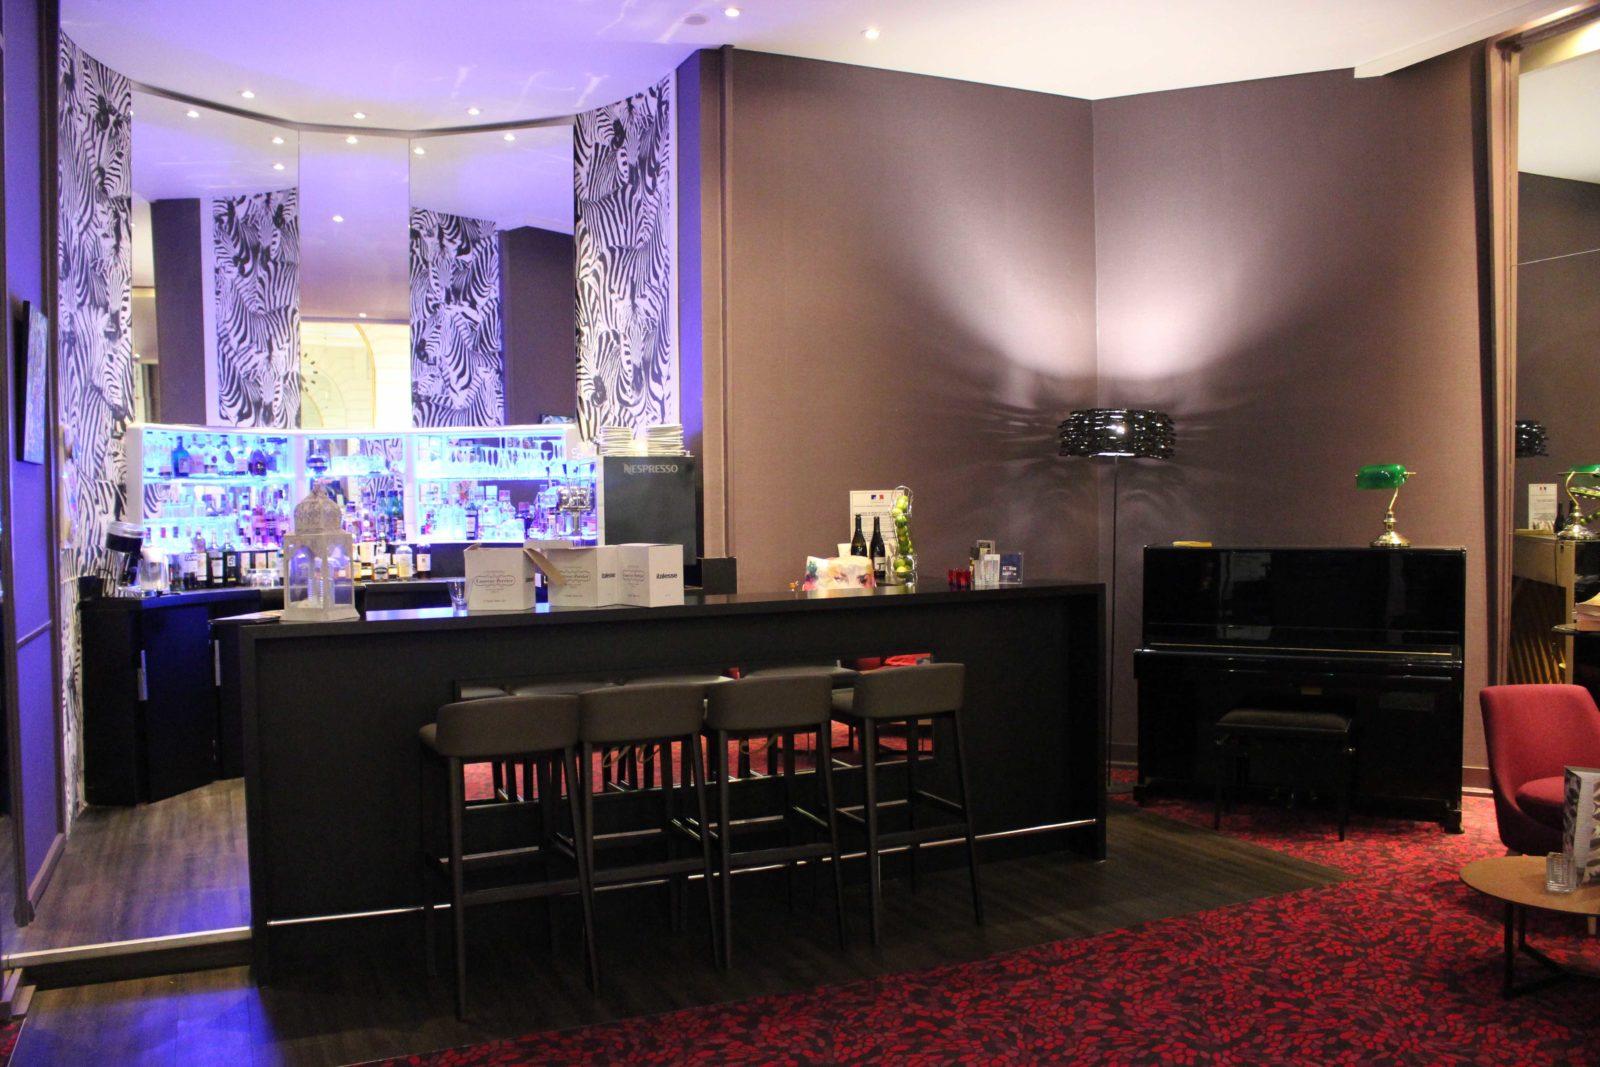 Nantes Hôtel de France bar